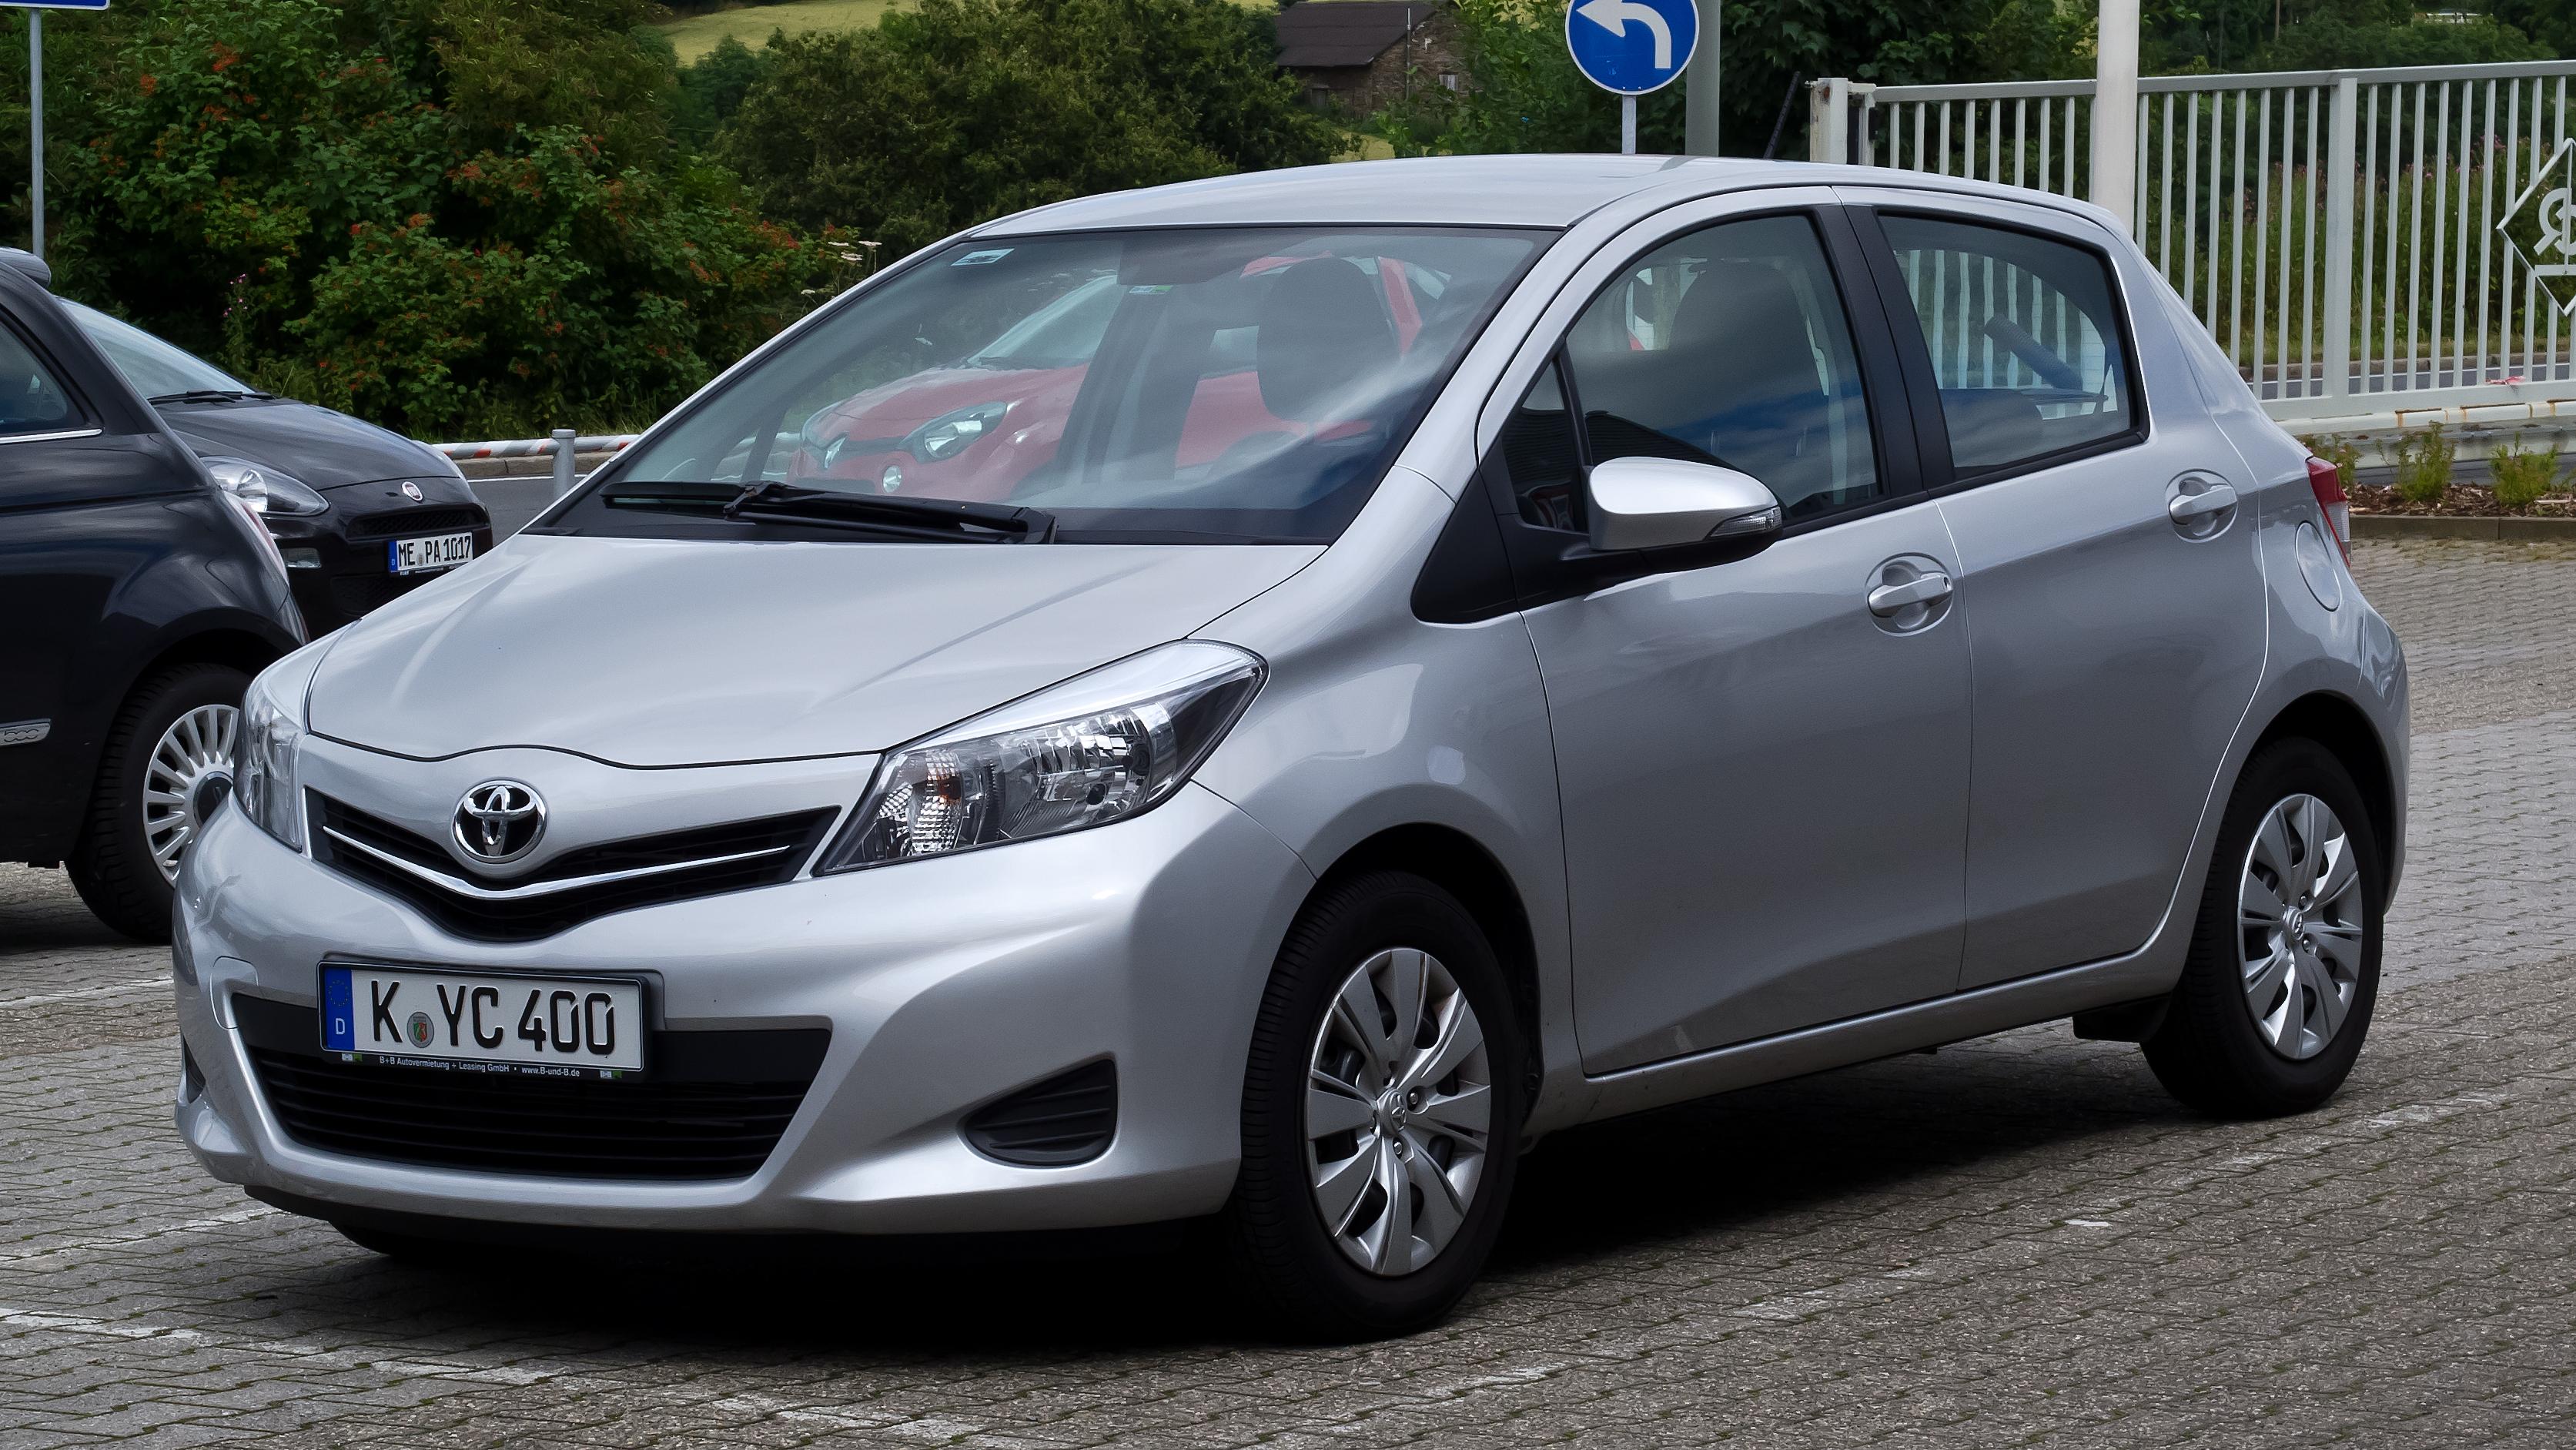 Toyota Yaris XP130 – Frontansicht 21. Juli 2012 Heiligenhaus